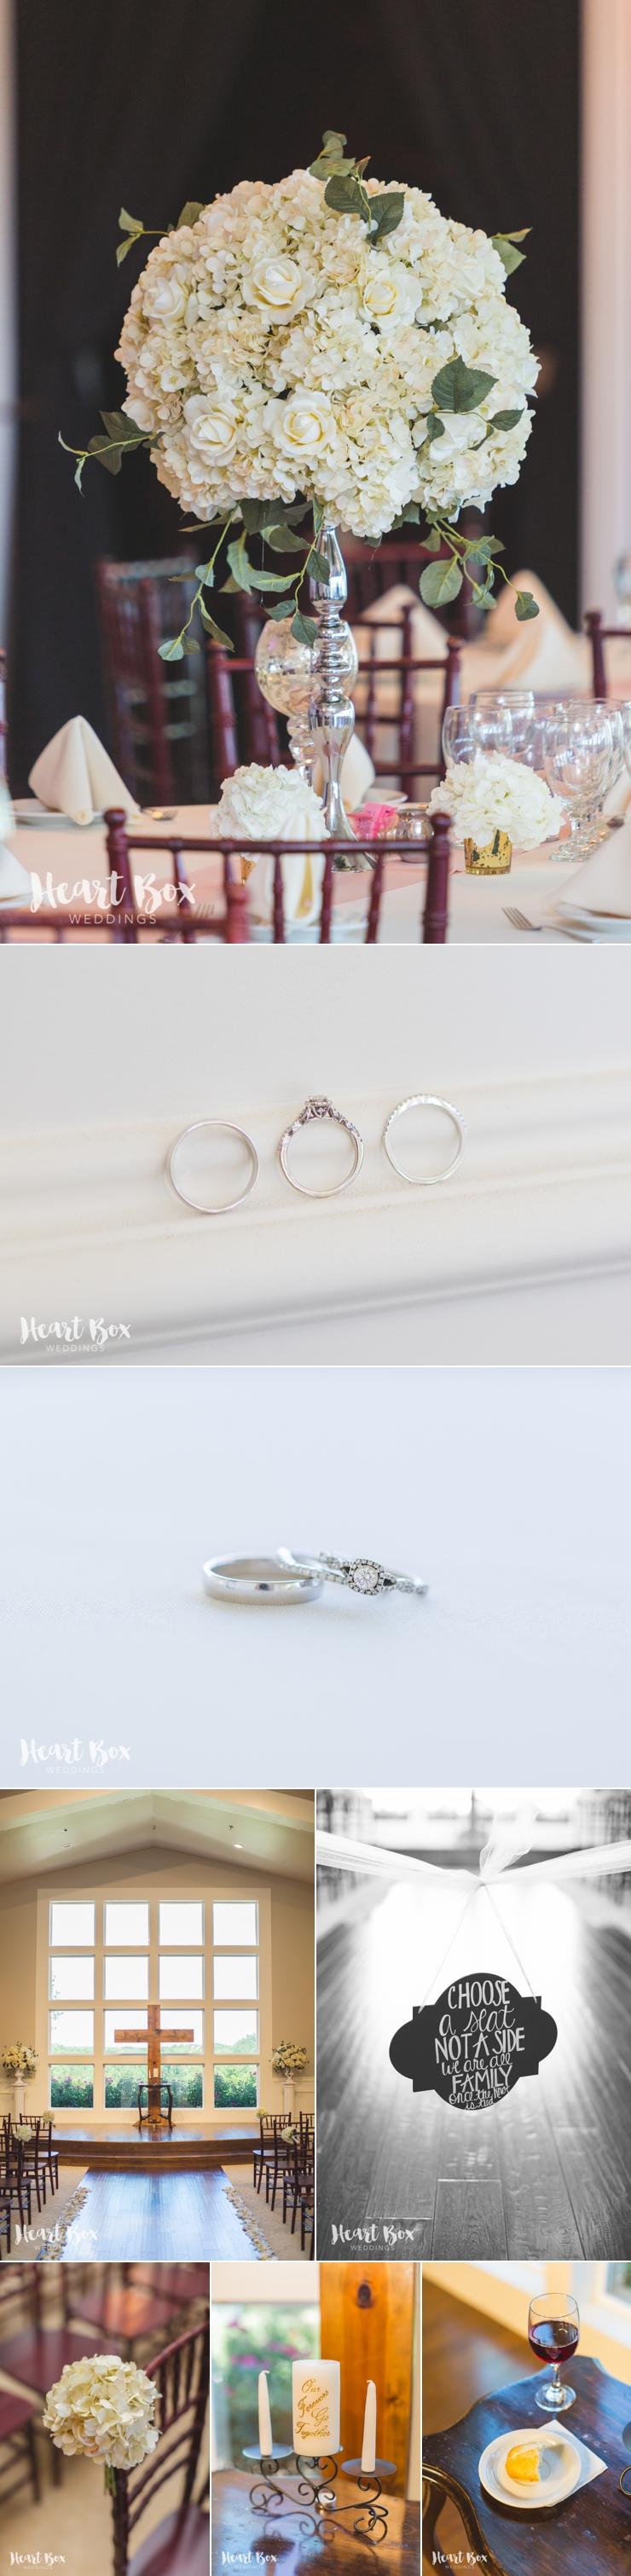 Muprhey Wedding Blog Collages 12.jpg